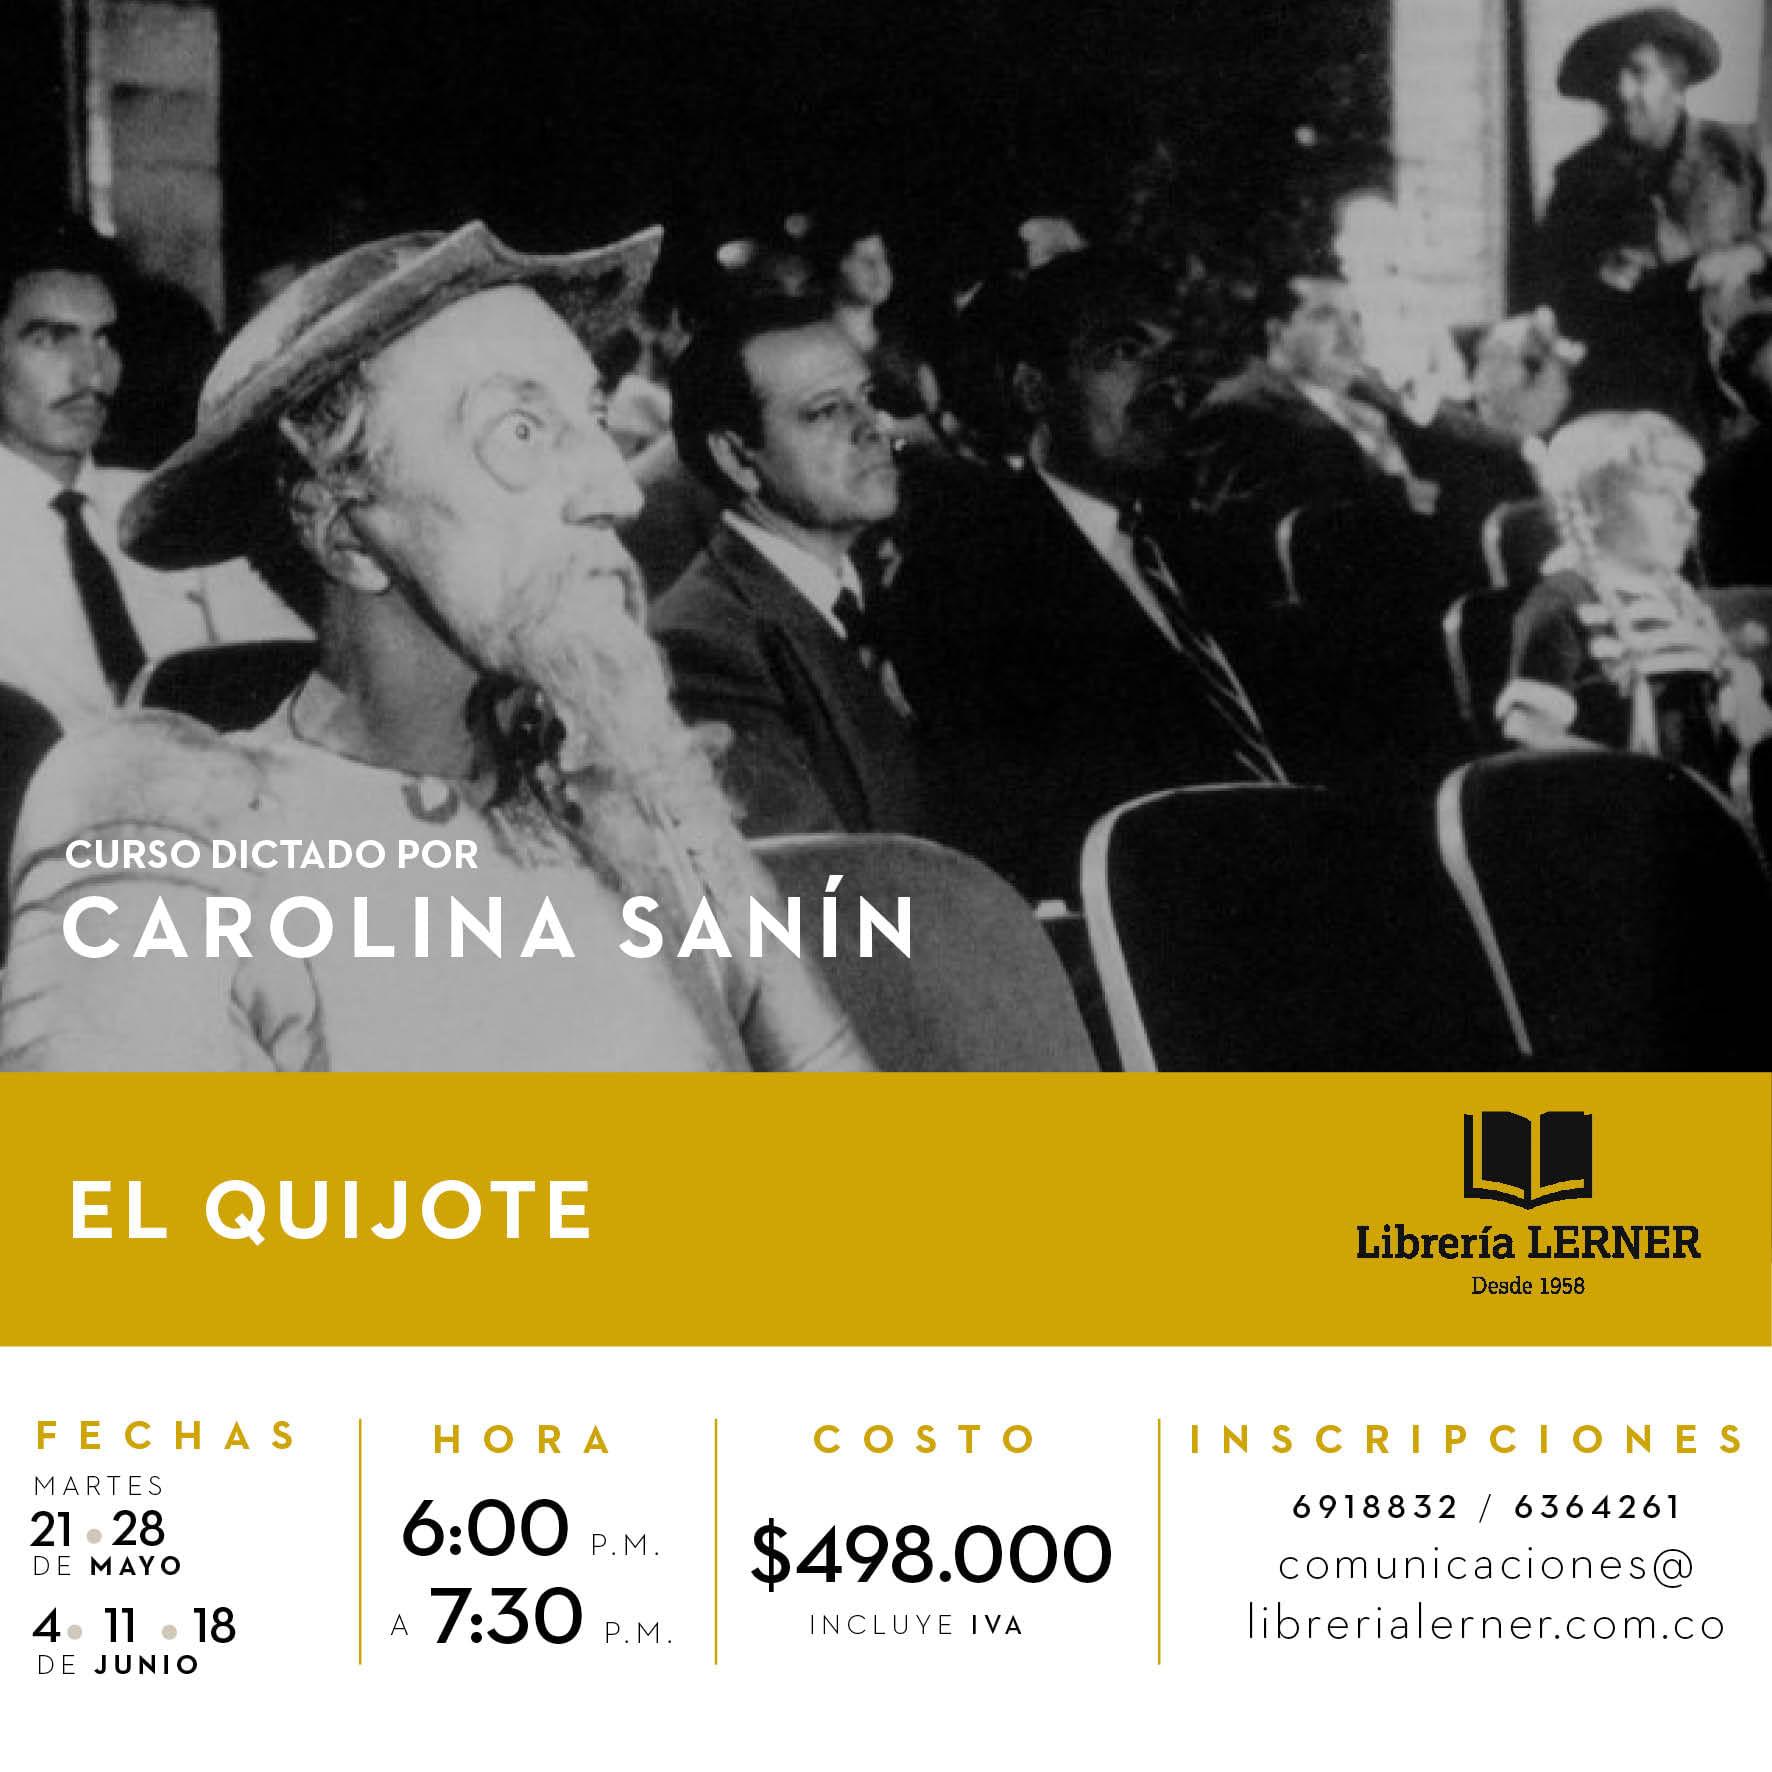 CURSO EL QUIJOTE dictado por Carolina Sanín